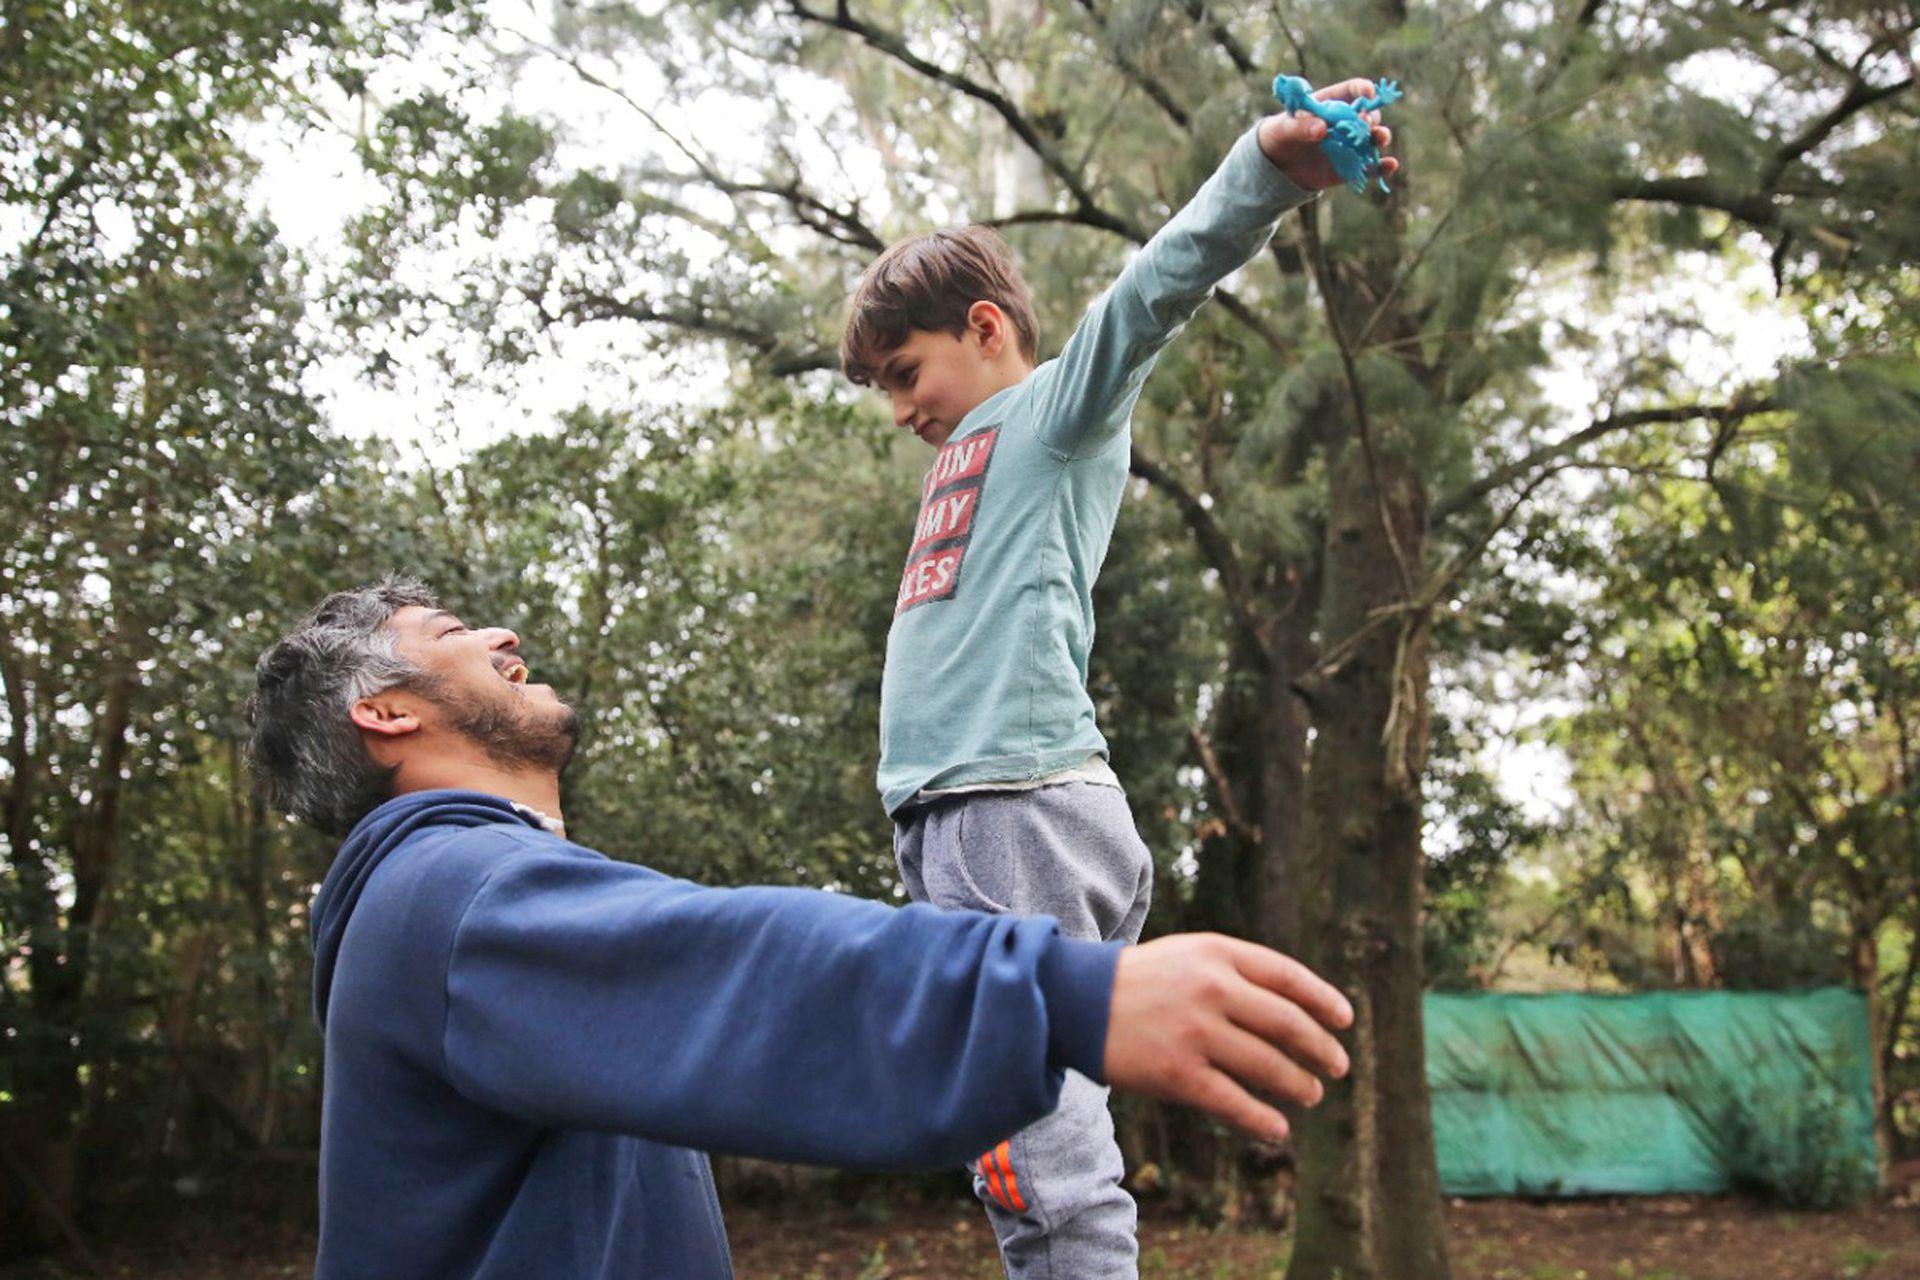 """Héctor recuerda el primer día que vio a Miguel: """"Era tímido, tan chiquito"""" y no puede creer lo grande y bien que está hoy su hijo"""